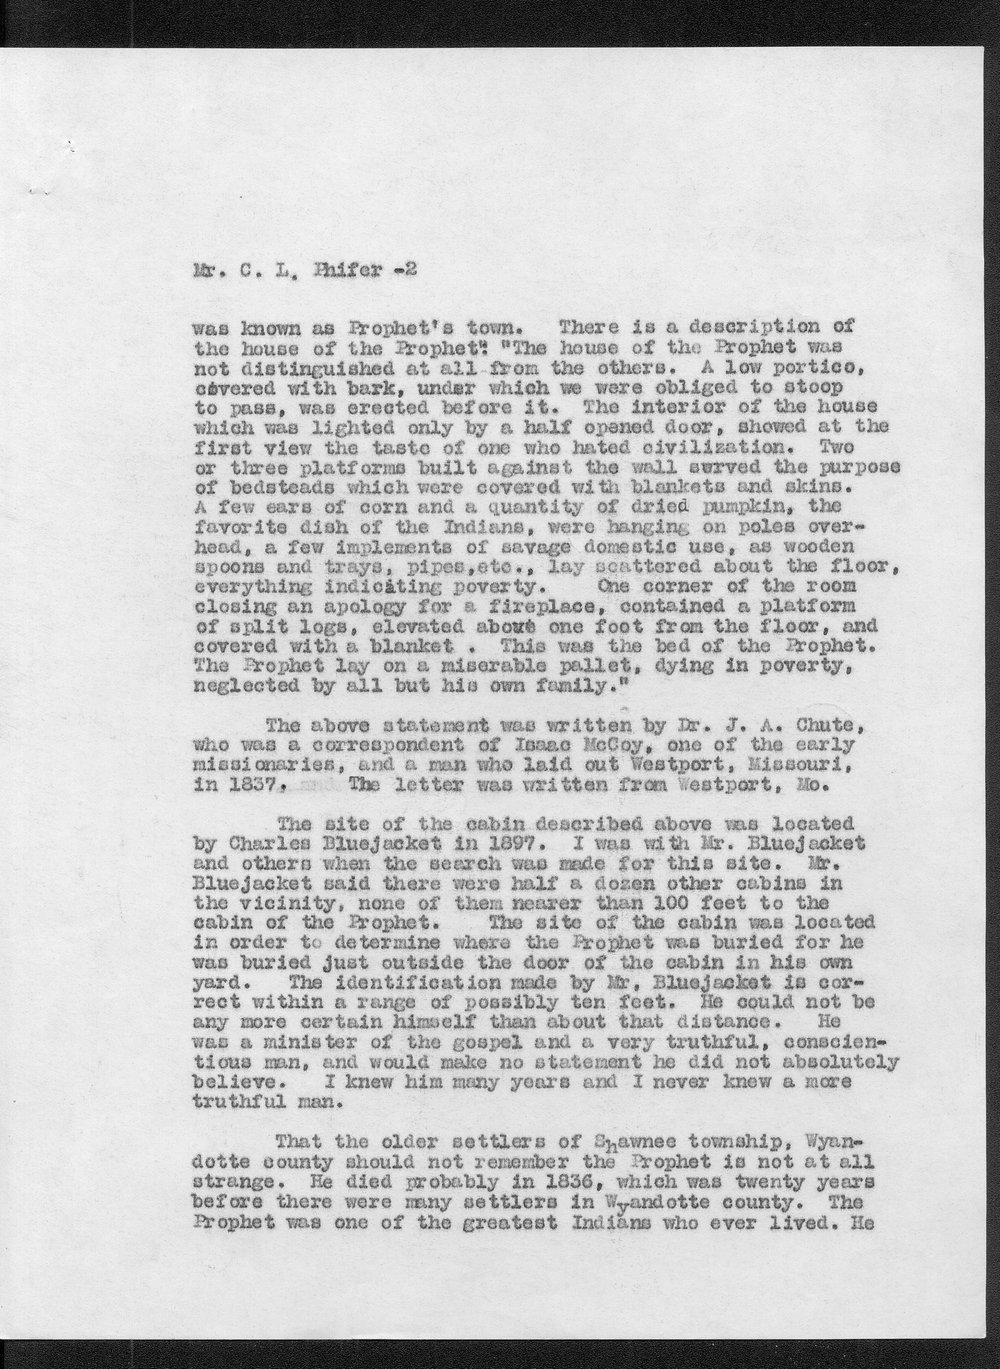 William E. Connelley to C.L. Phifer - 2